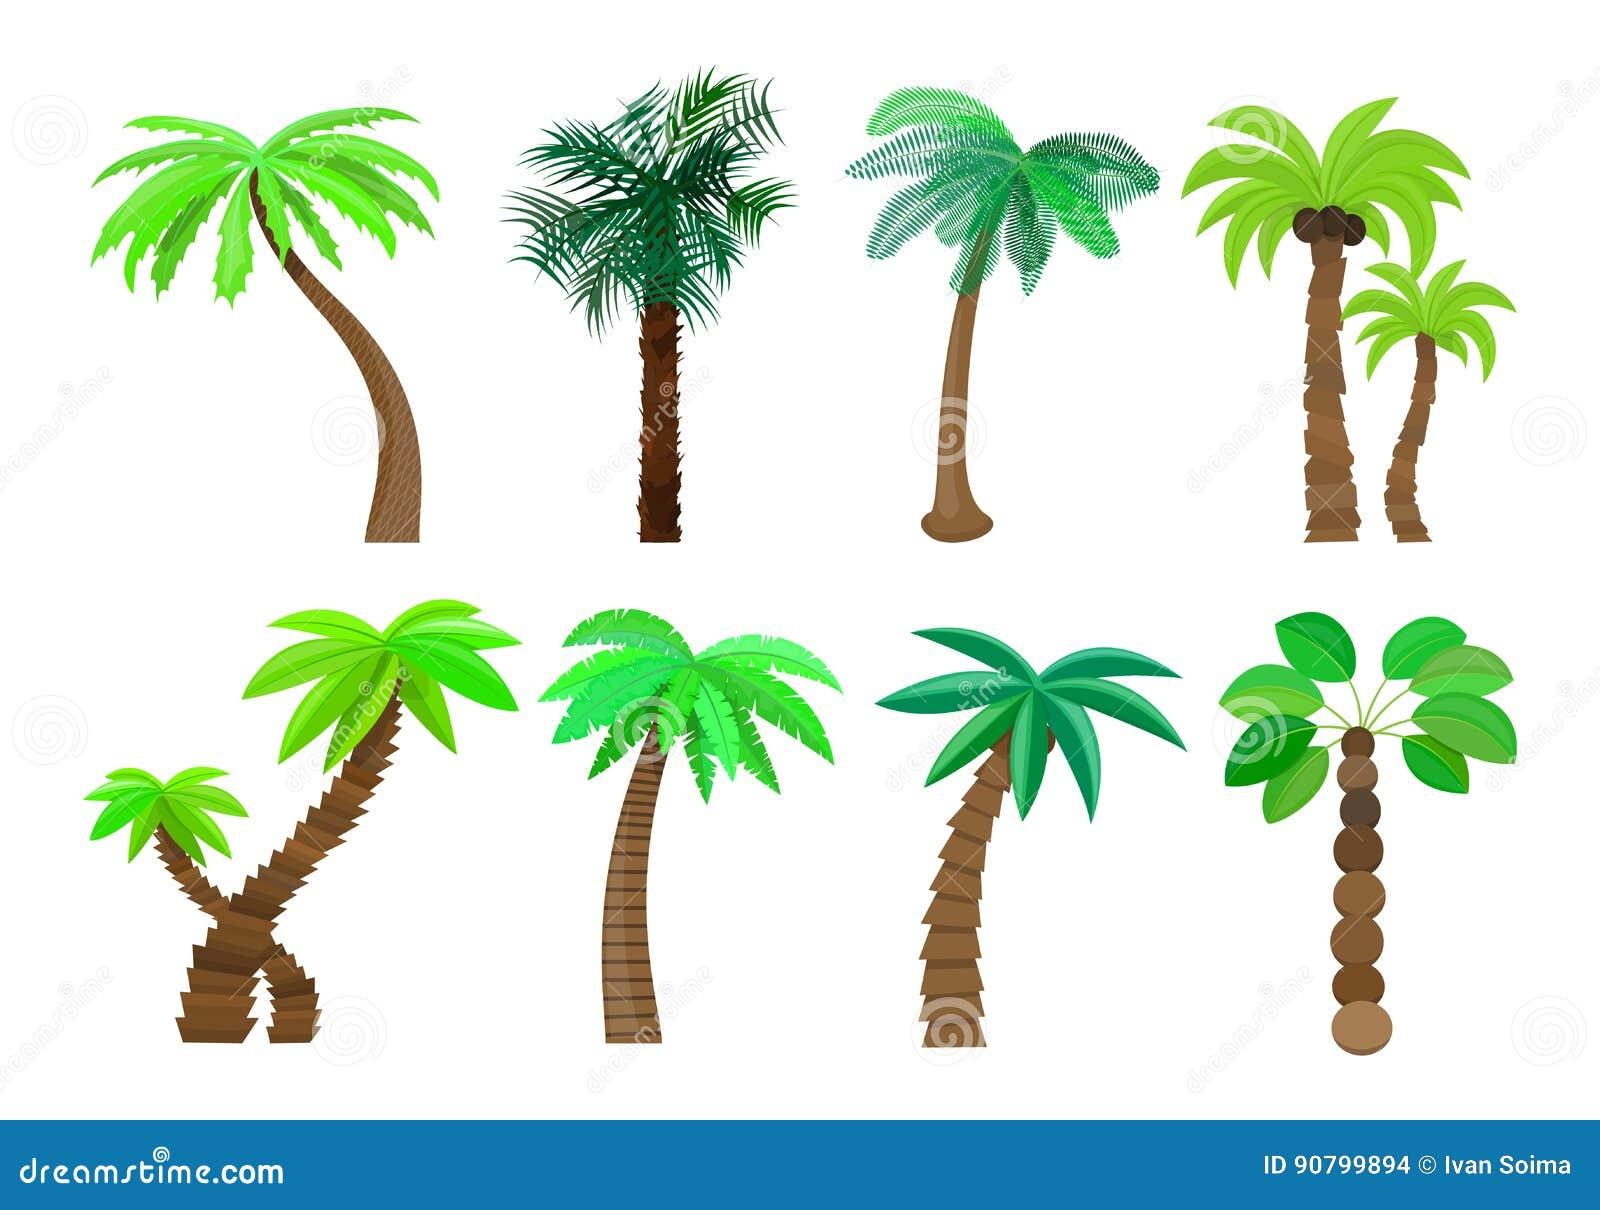 A Palmeira No Estilo Dos Desenhos Animados Ajustou Se Em Uma